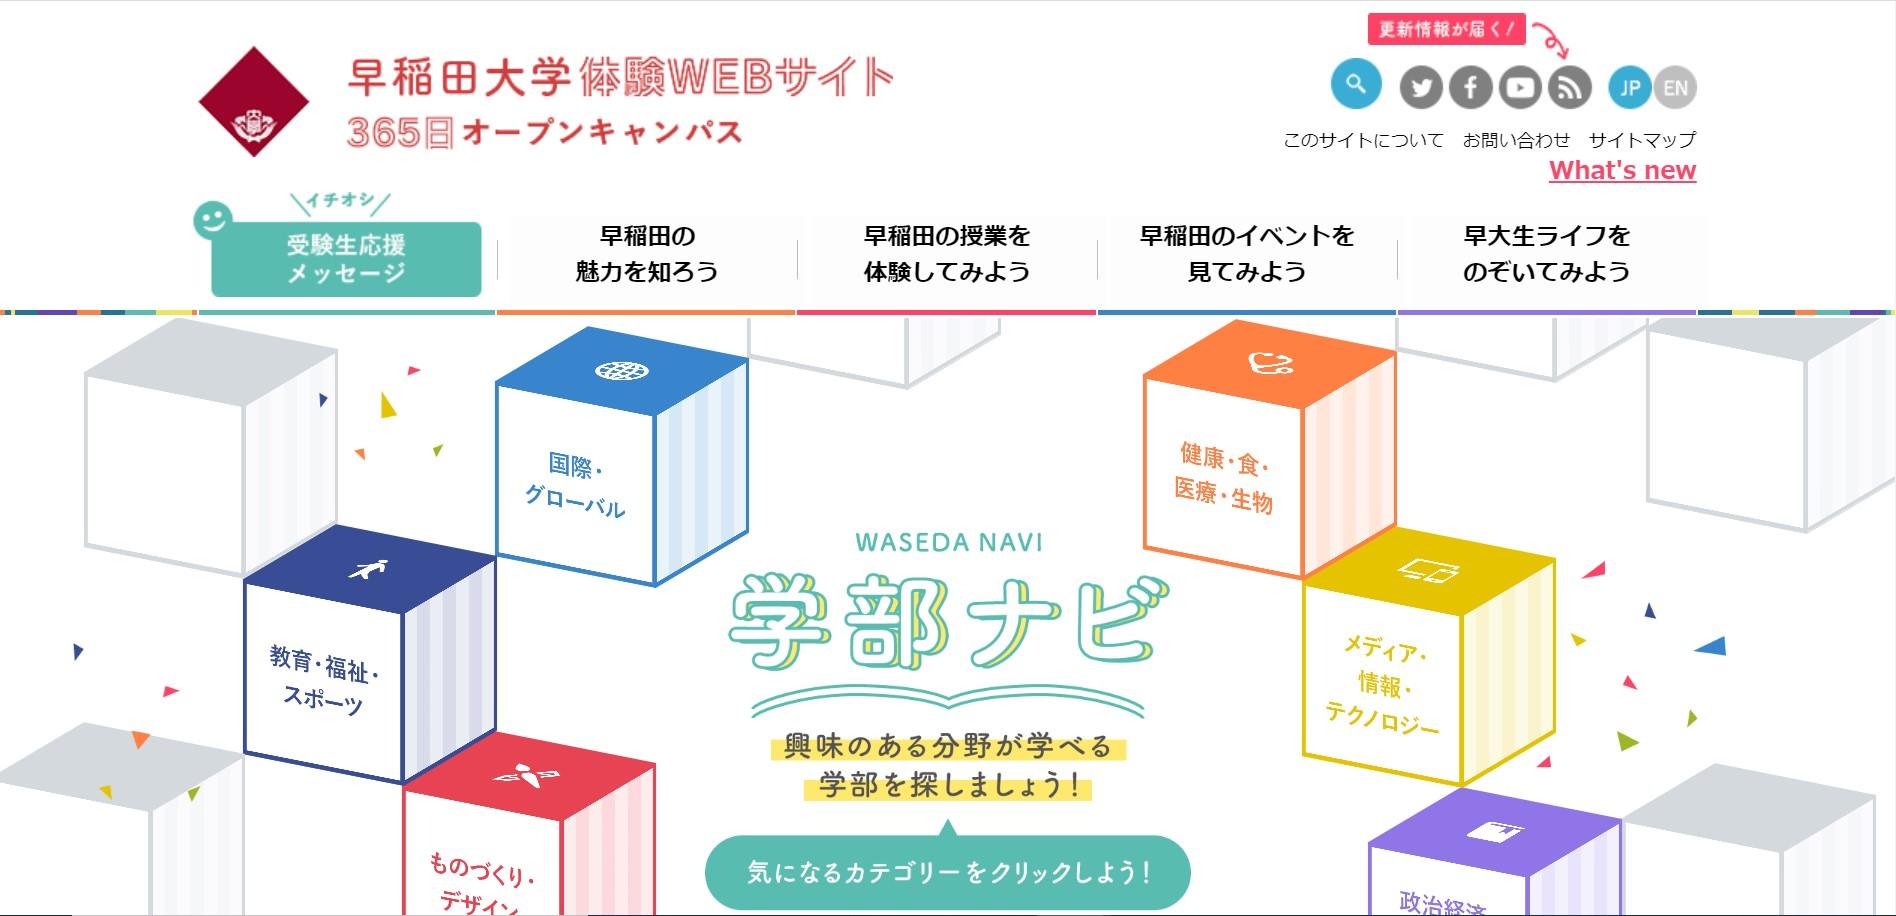 早稲田大学の2020年度オープンキャンパスHP